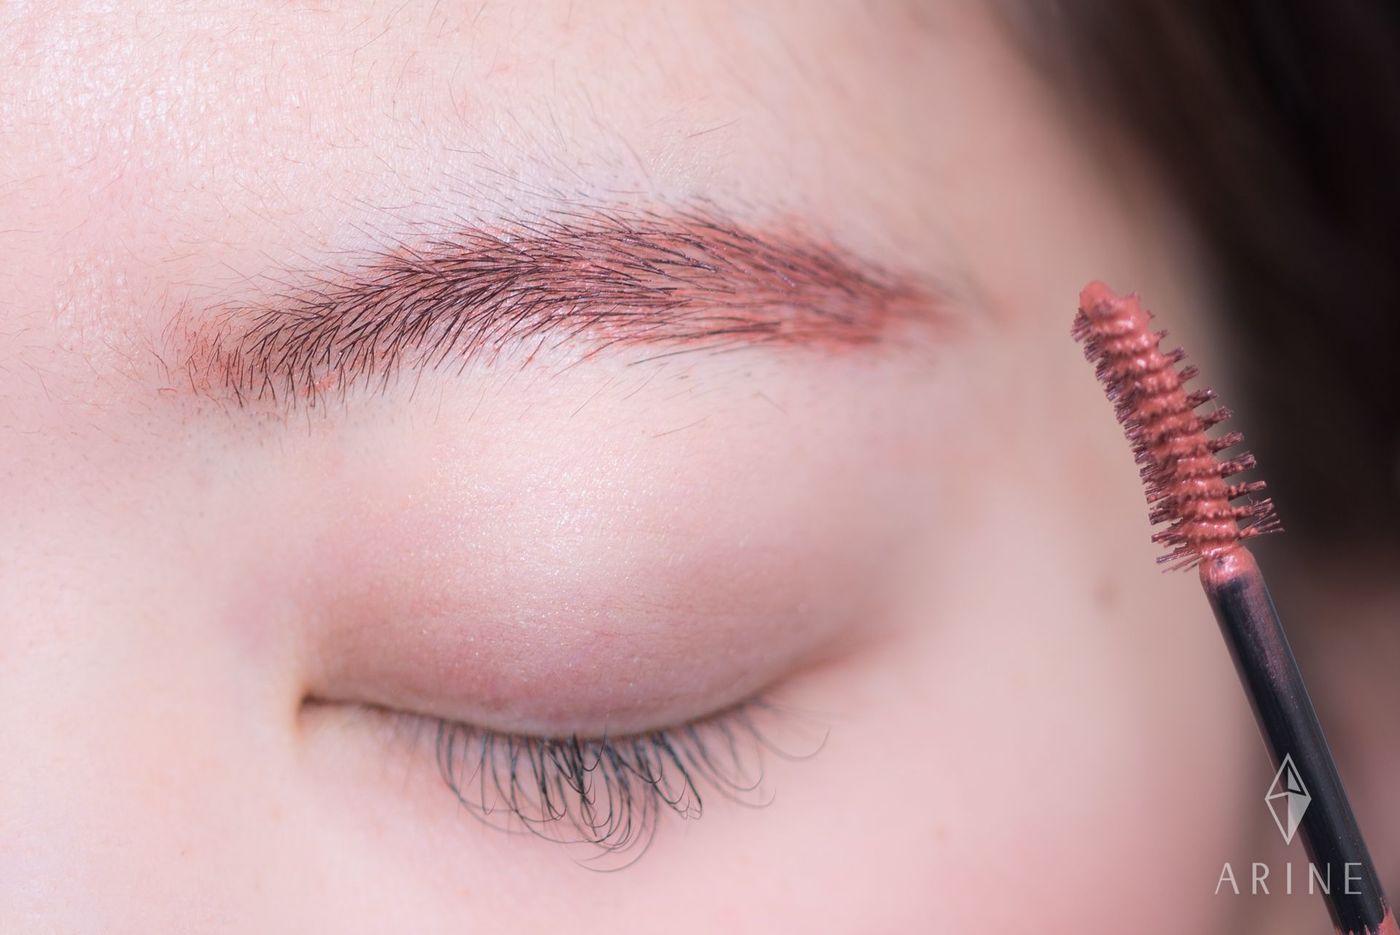 メイベリンの《眉マスカラ》で理想の眉に♡使い方もご紹介の13枚目の画像